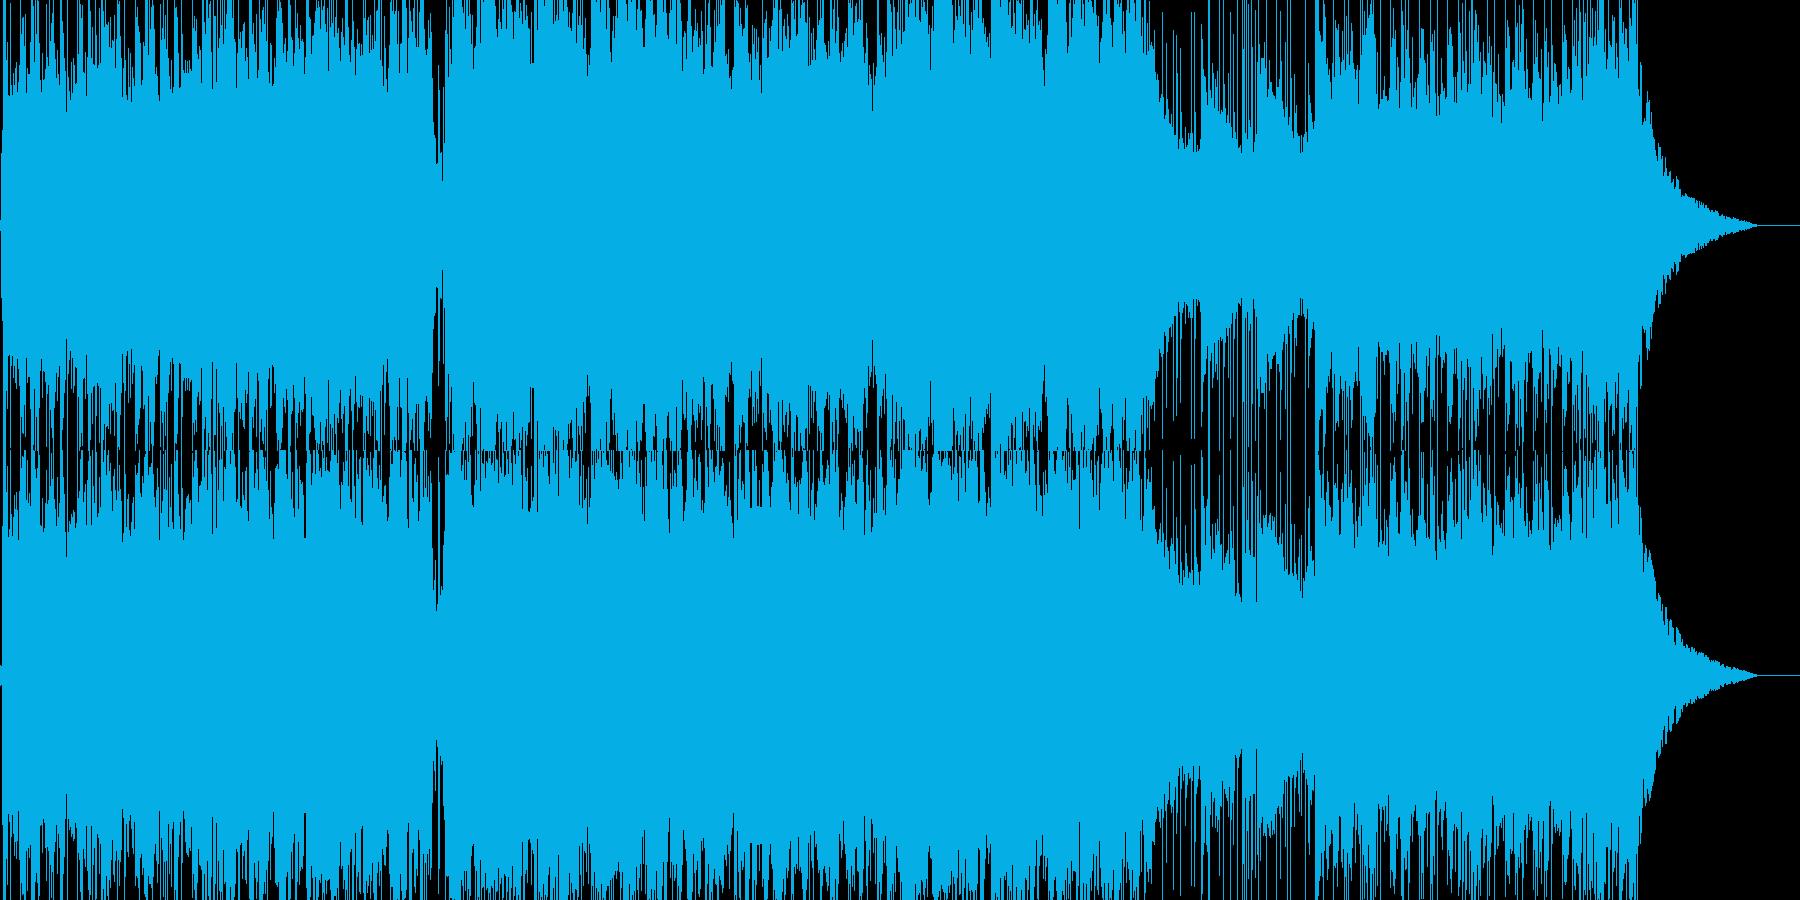 スタイリッシュな和風戦闘曲の再生済みの波形